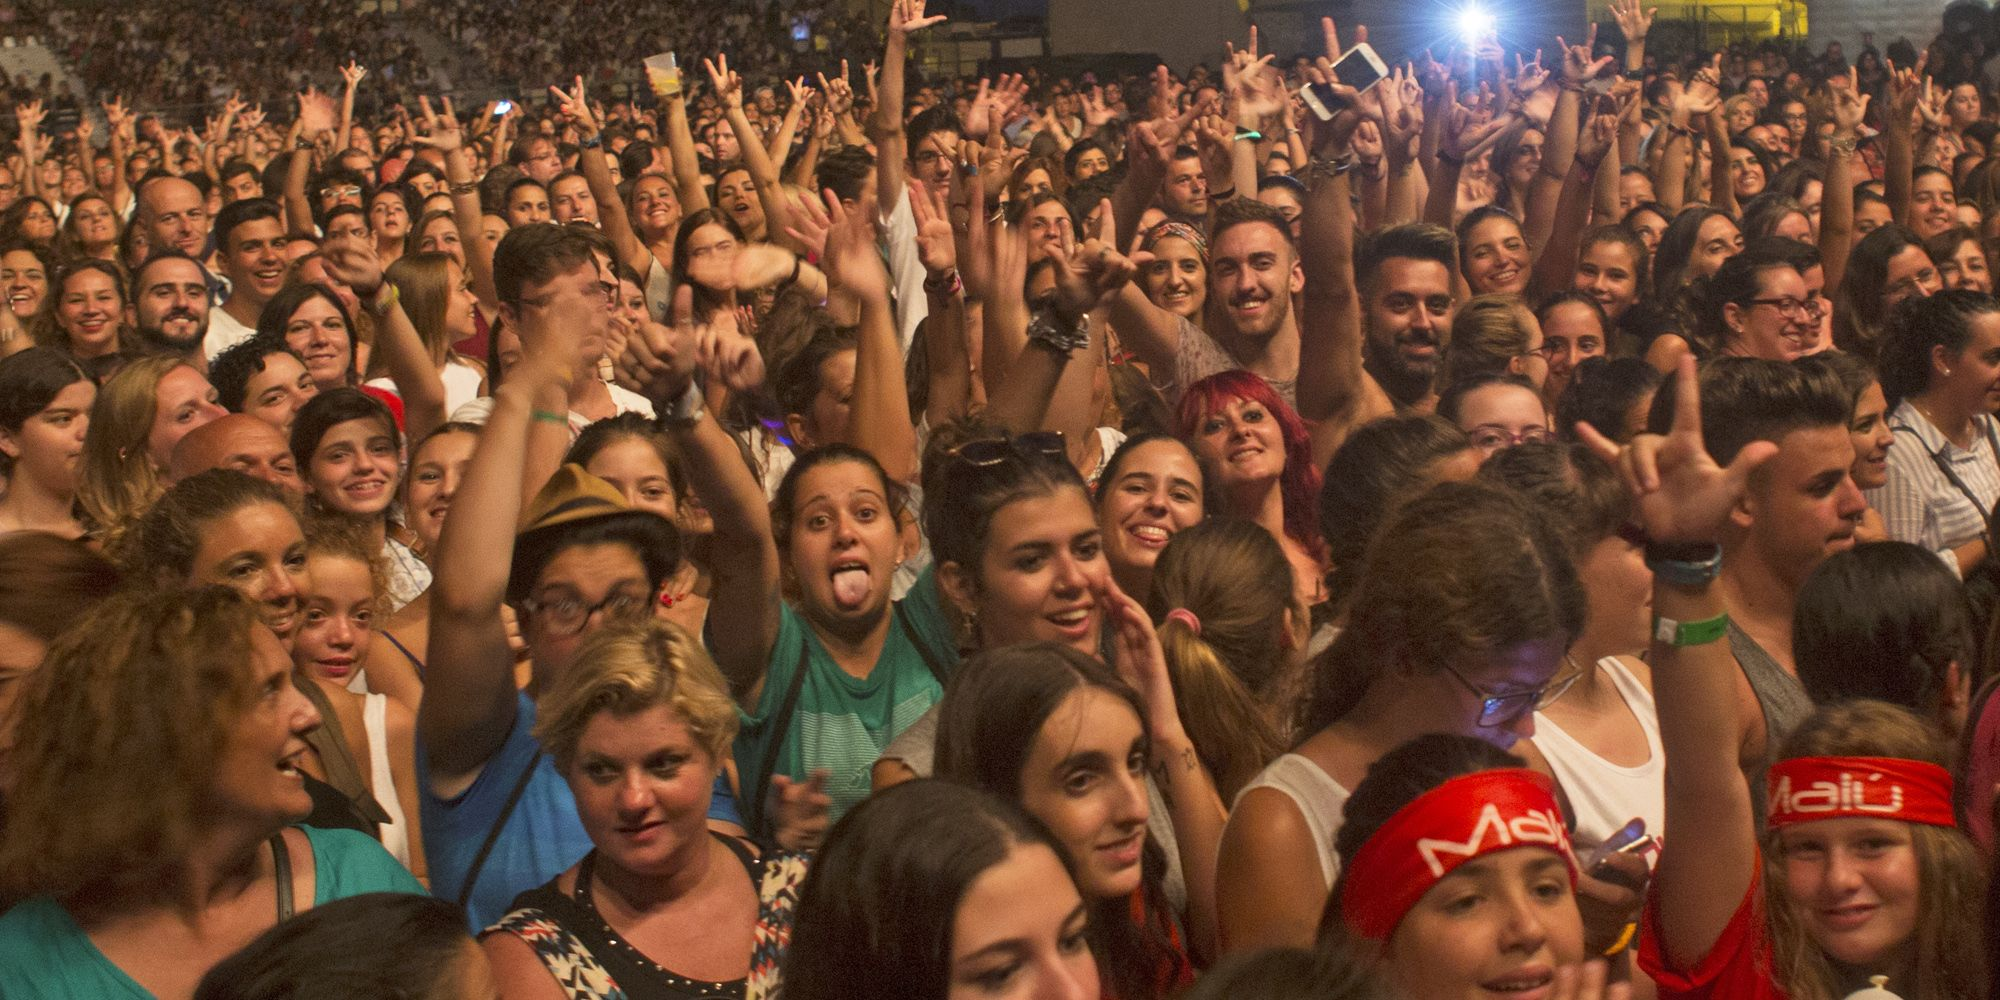 Concierto de Malú en El Puerto de Santa María dentro de su gira Tour Caos - 18 AGO 2016 | Juan Carlos Corchado para MIRA Comunicación